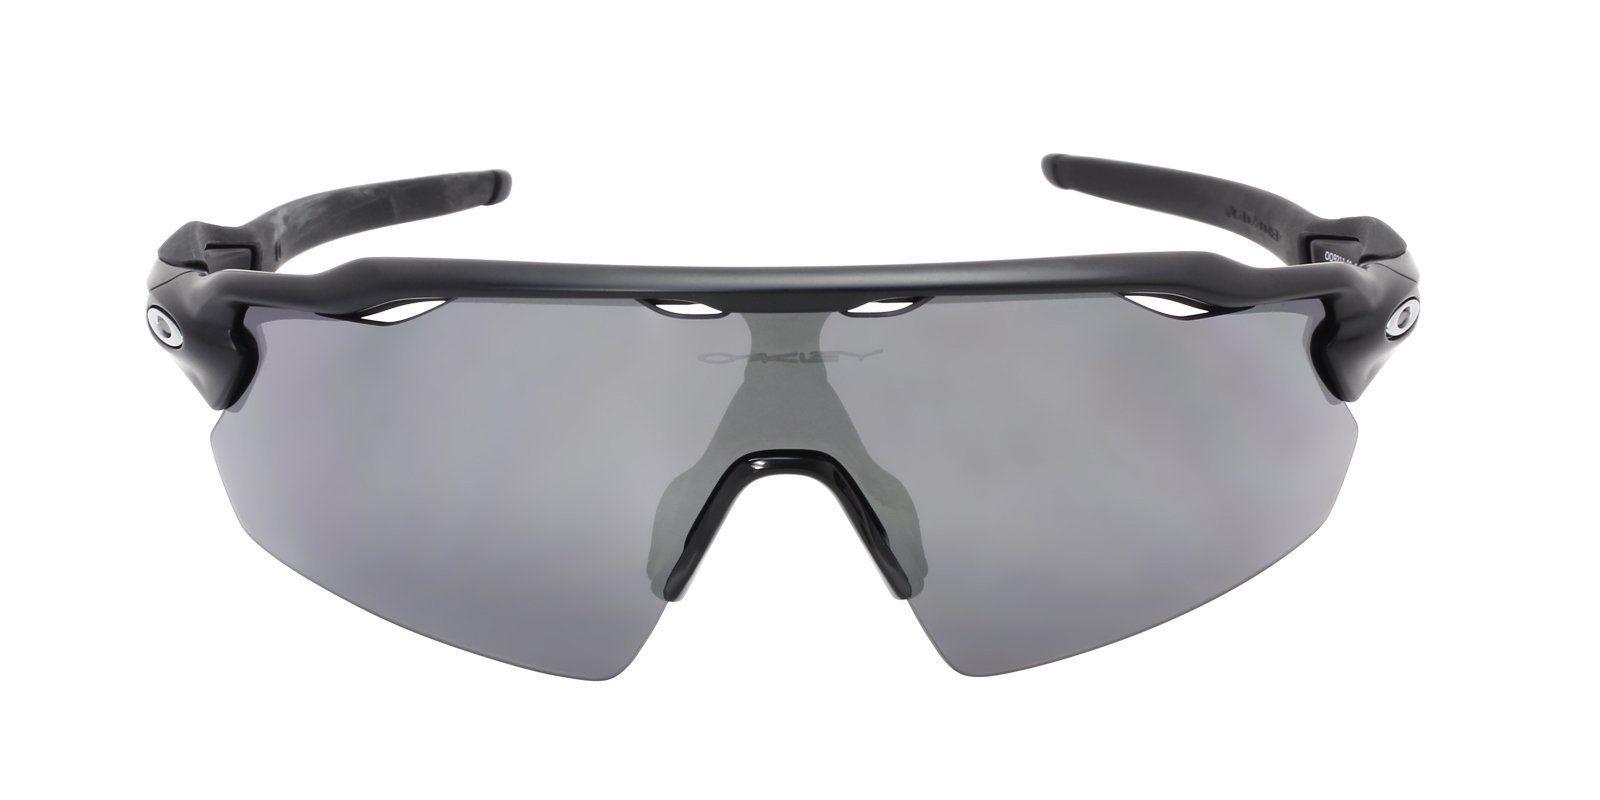 c51a62b48bf Oakley - RadarEV Pitch Black - Gray sunglasses in 2018